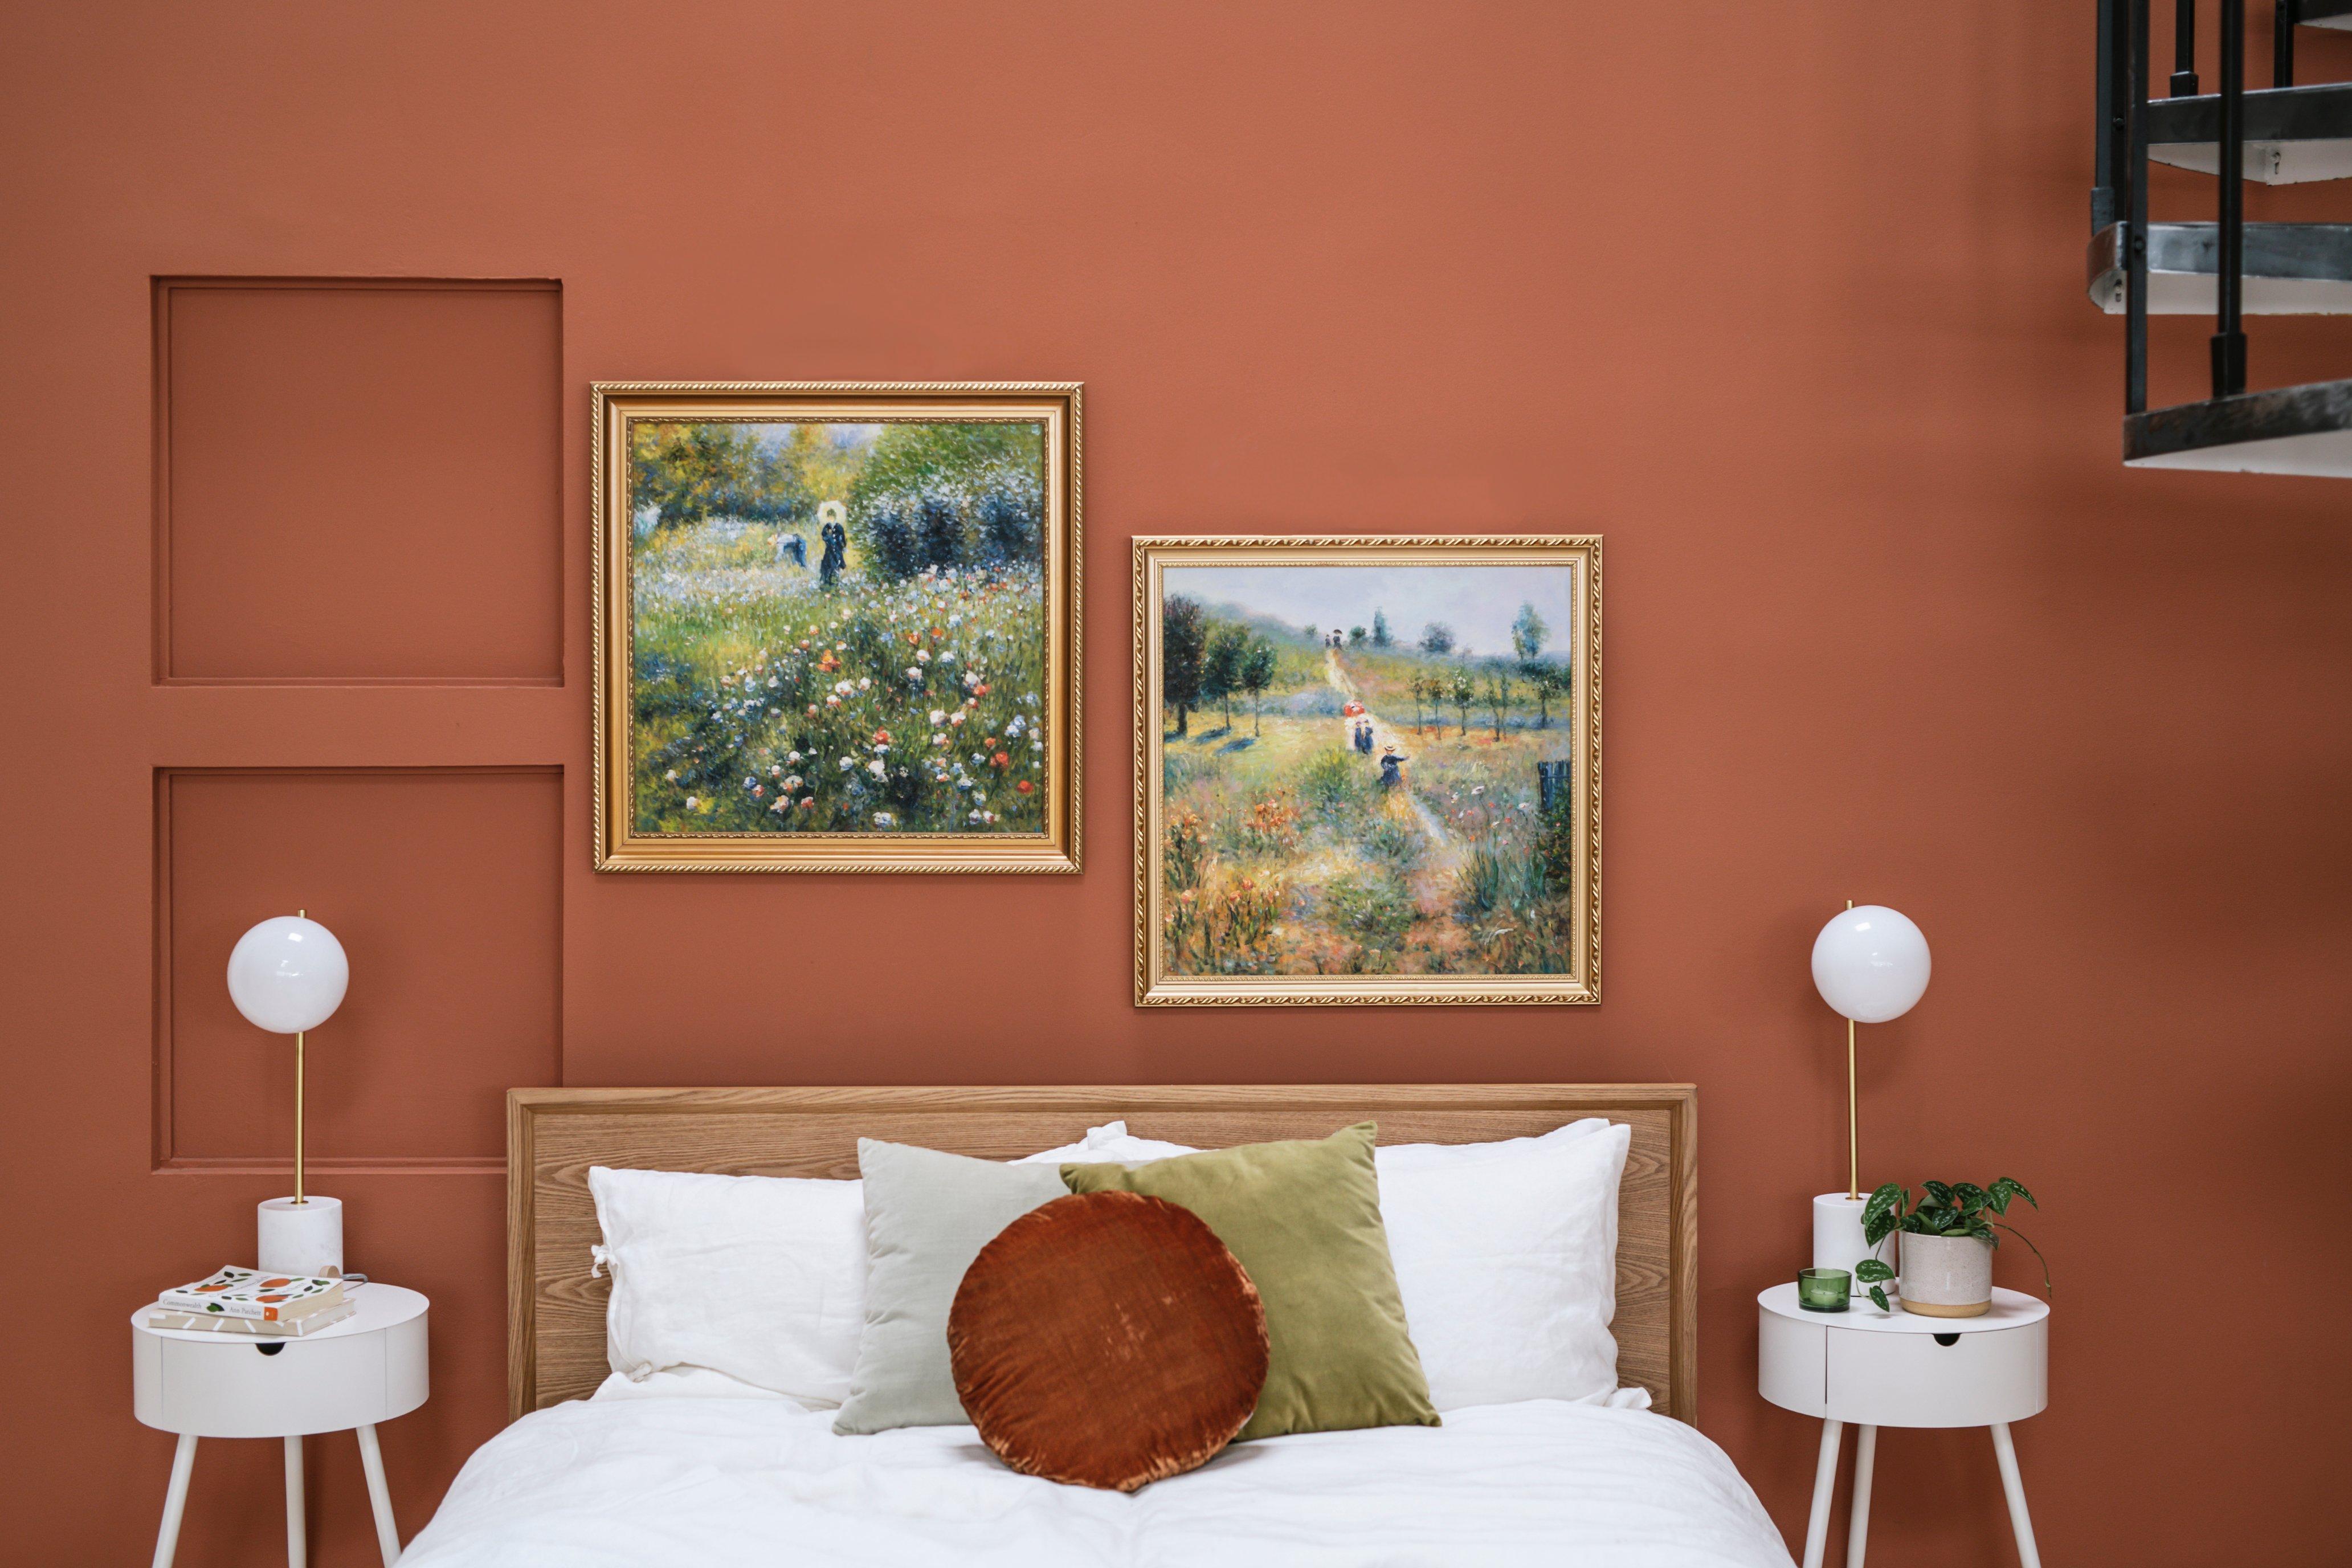 vintage-room-decor